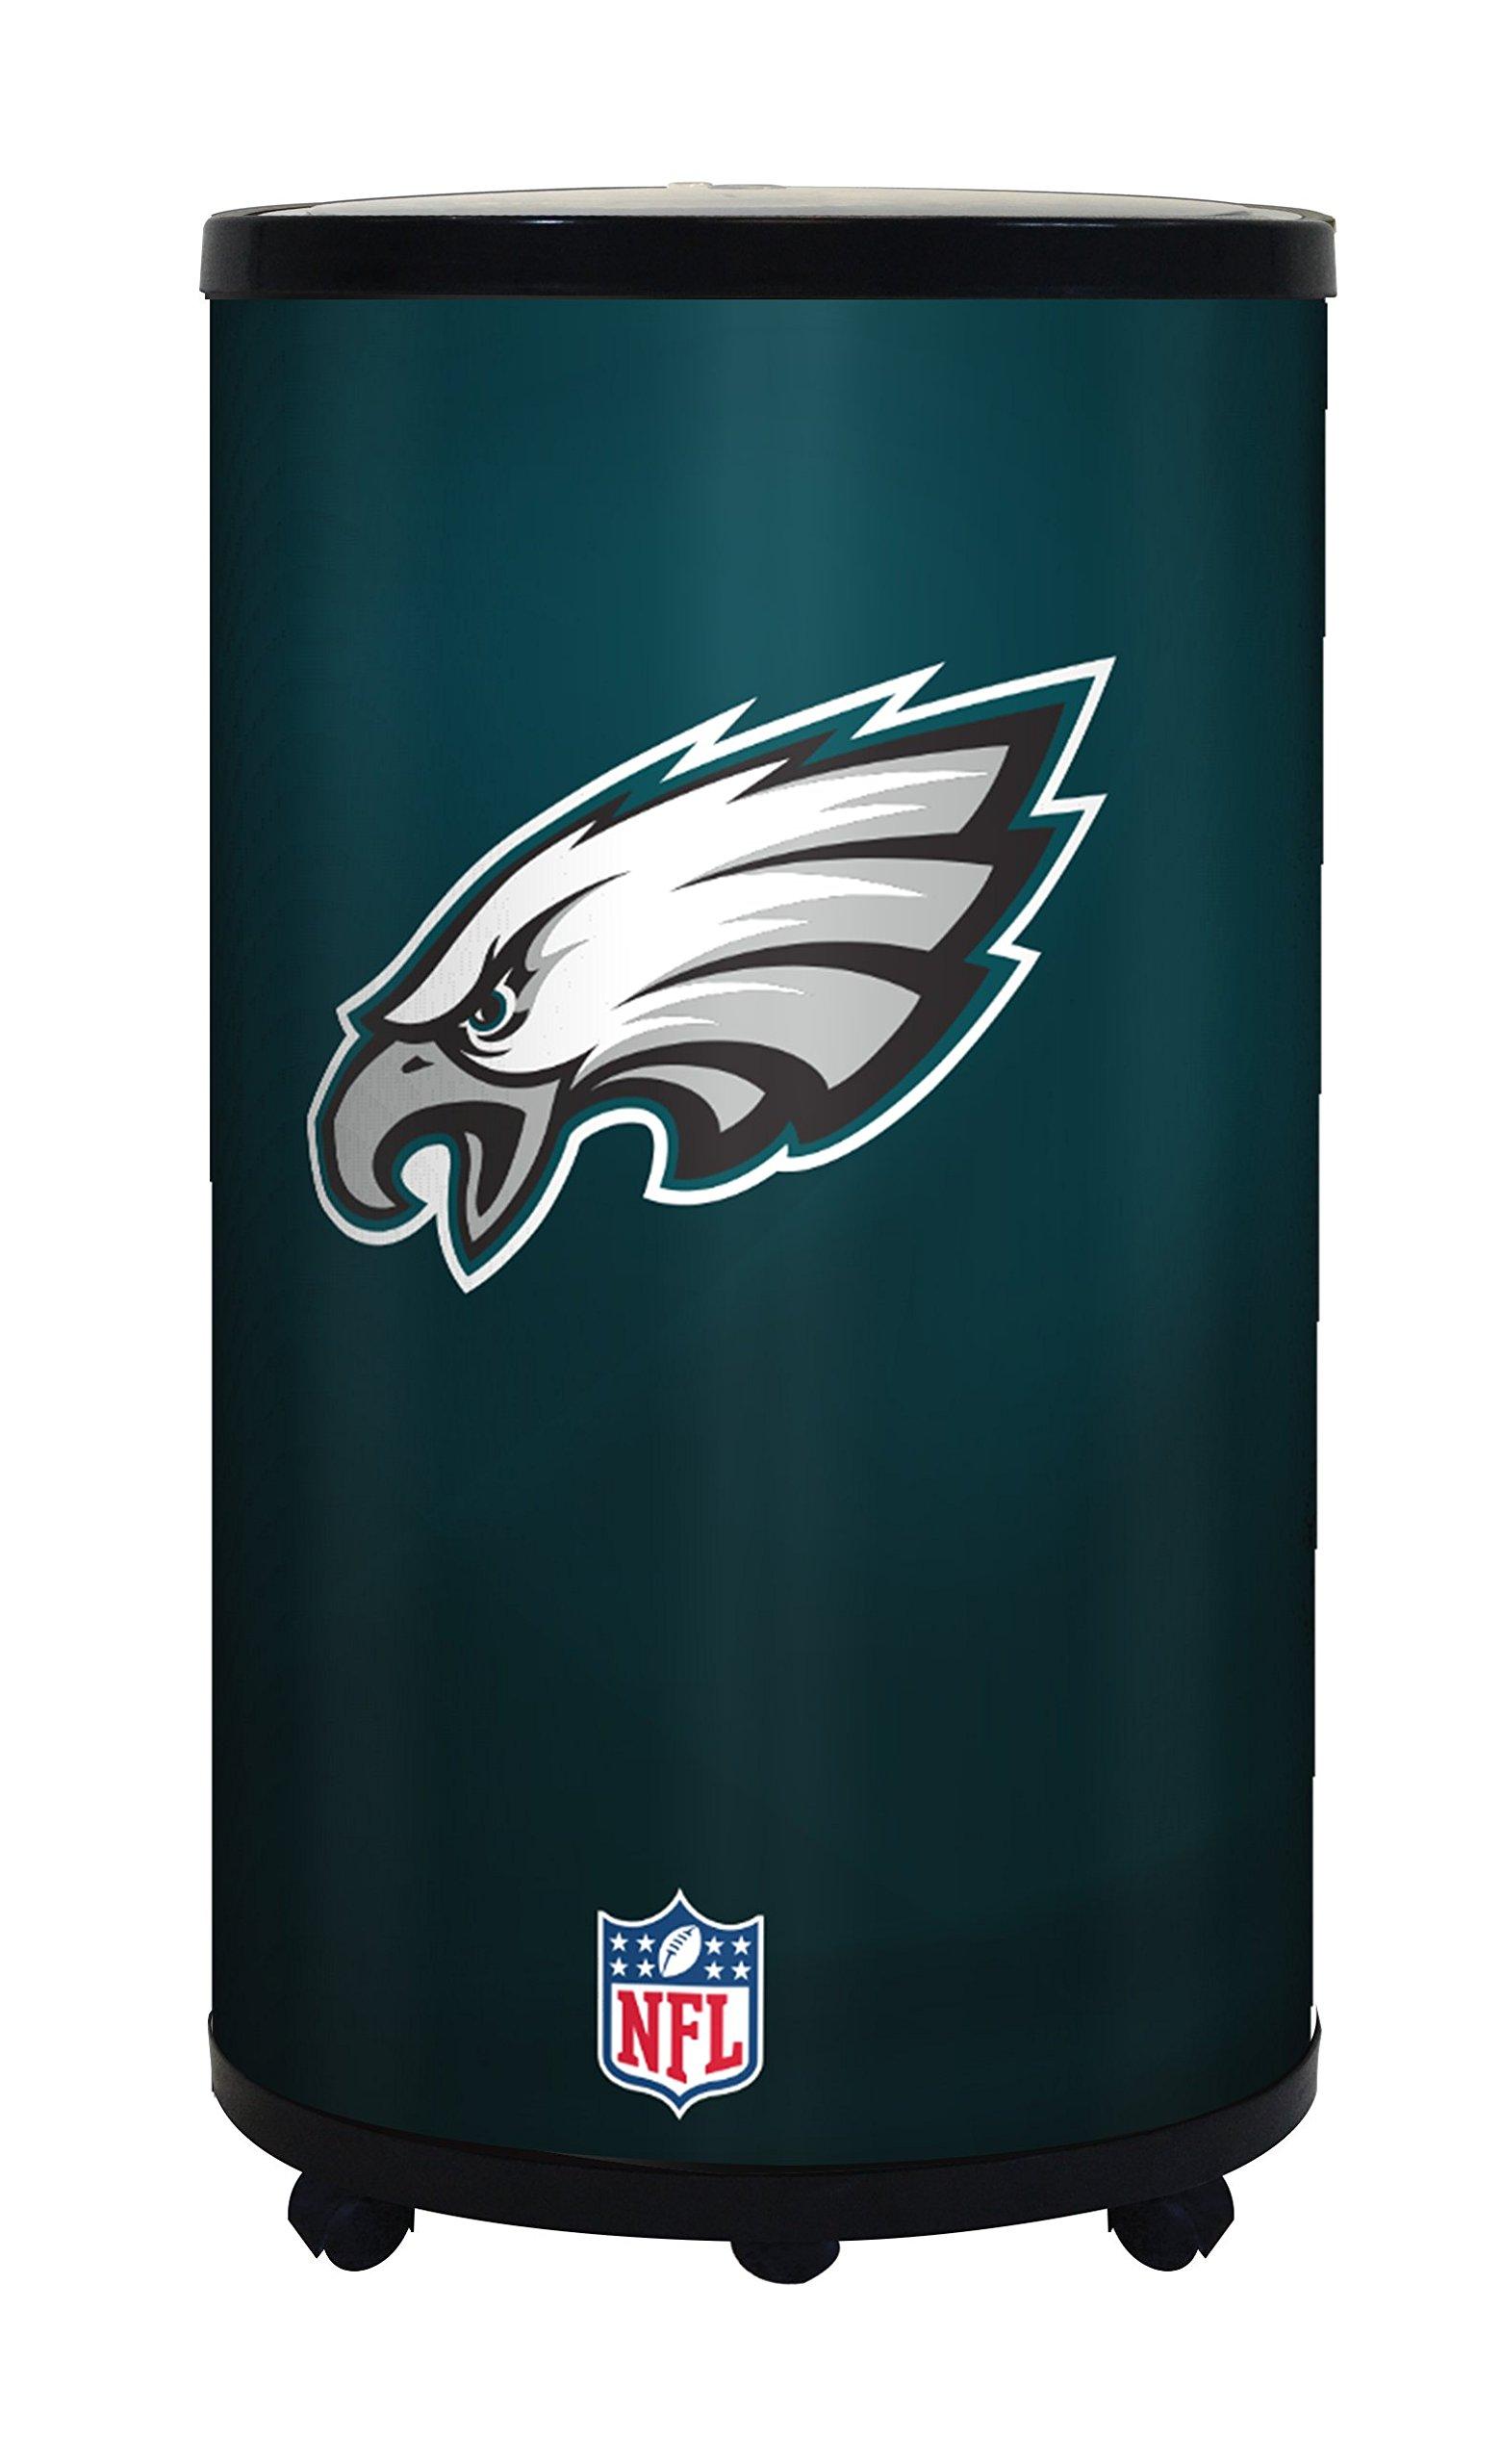 NFL Philadelphia Eagles Ice Barrel Cooler, Black, 19''